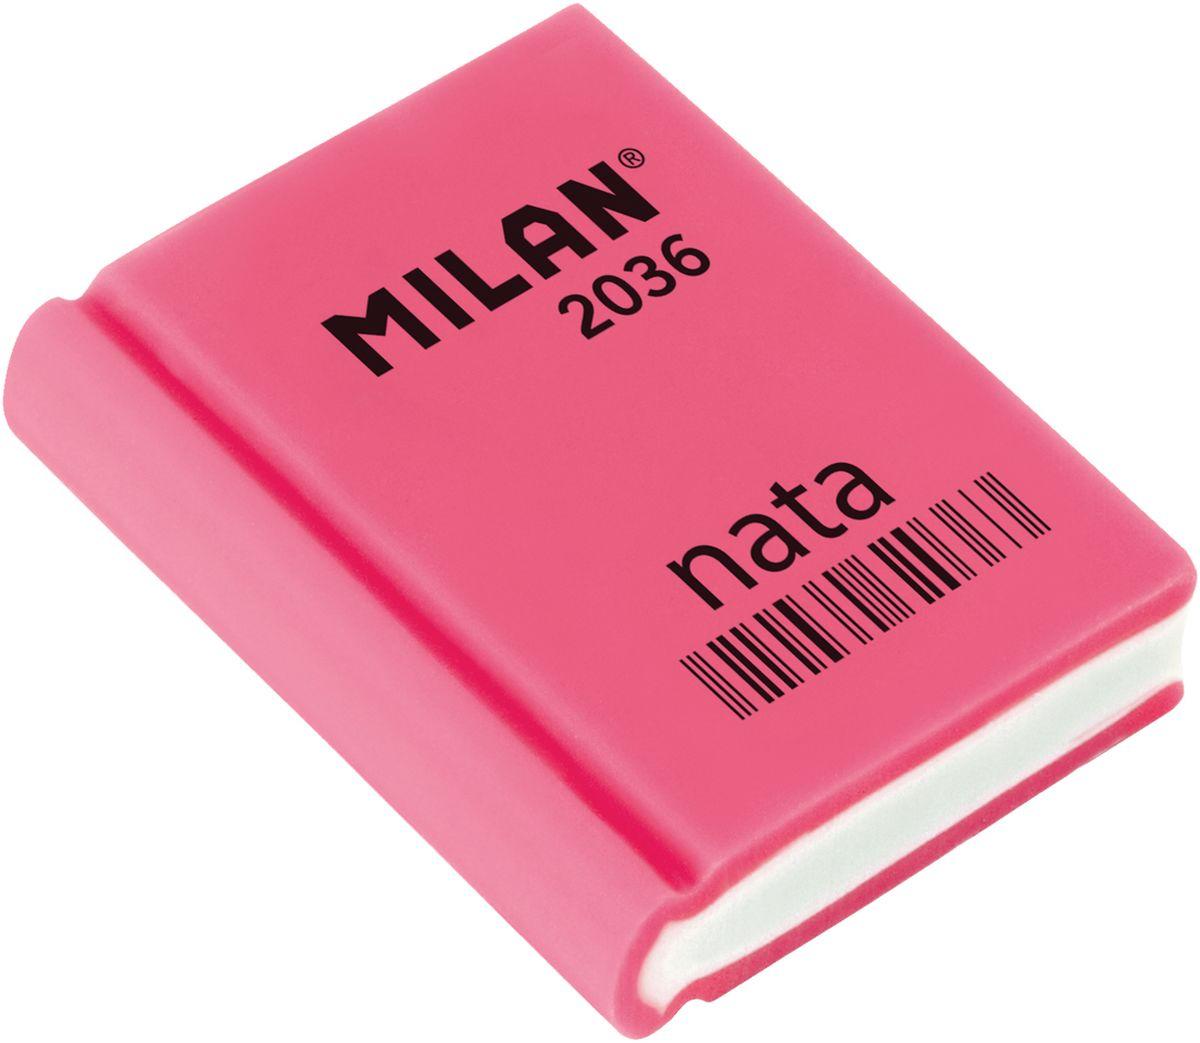 Milan Ластик Nata 2036 прямоугольный цвет розовый72523WDЛастик Milan Nata 2036- это универсальный синтетический ластик. Широкий спектр применения. Яркие неоновые цвета, плотная структура. Высокие абсорбирующие показатели.